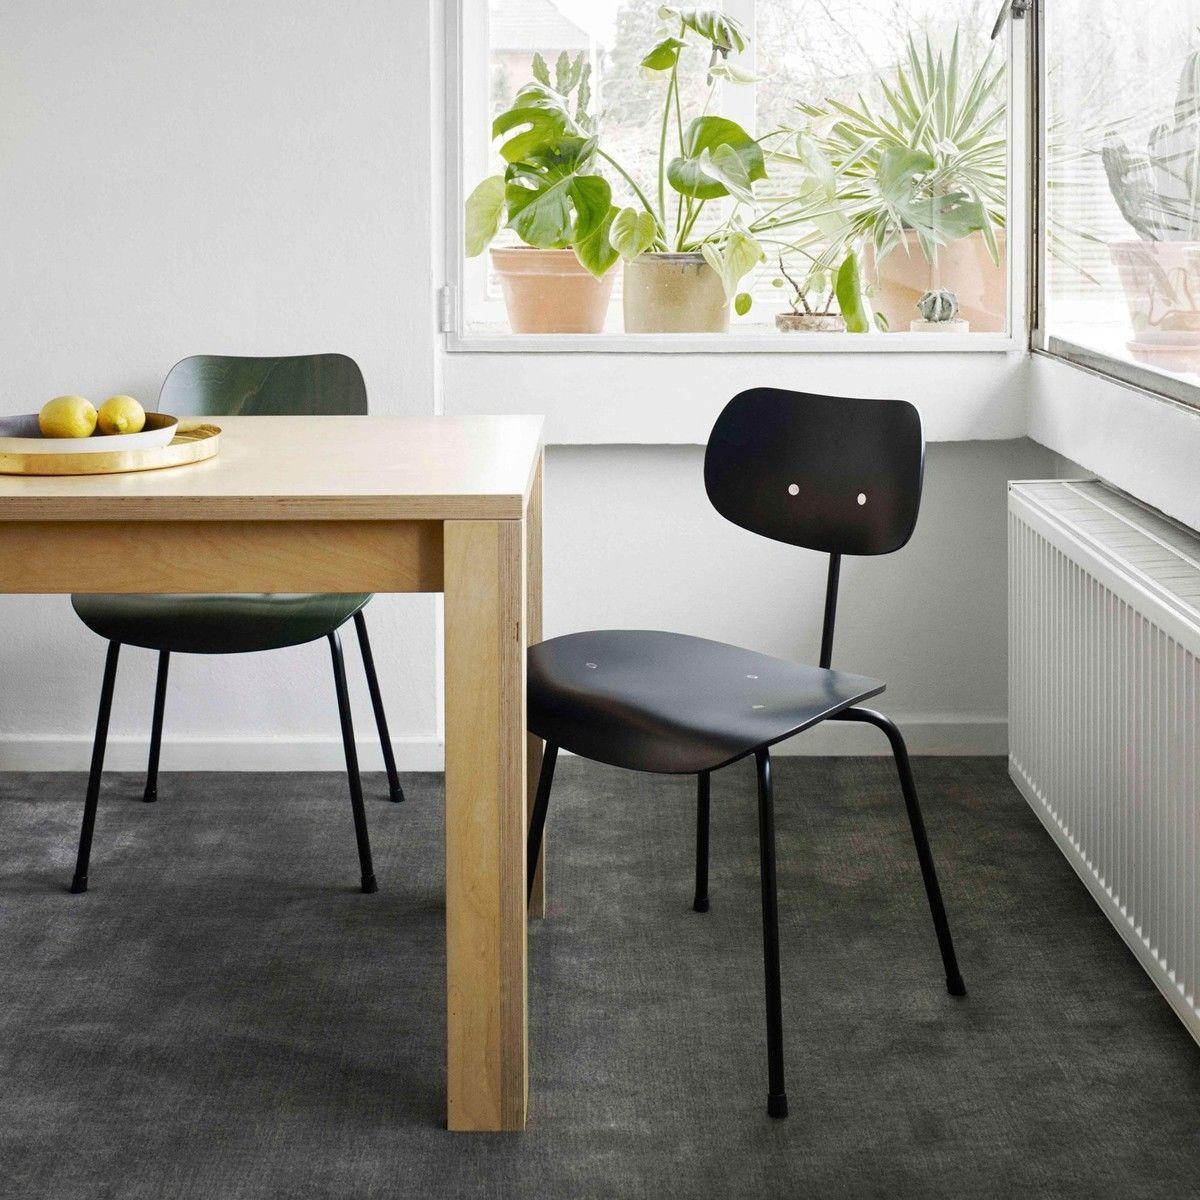 se 68 eiermann chaise support noir wilde spieth. Black Bedroom Furniture Sets. Home Design Ideas